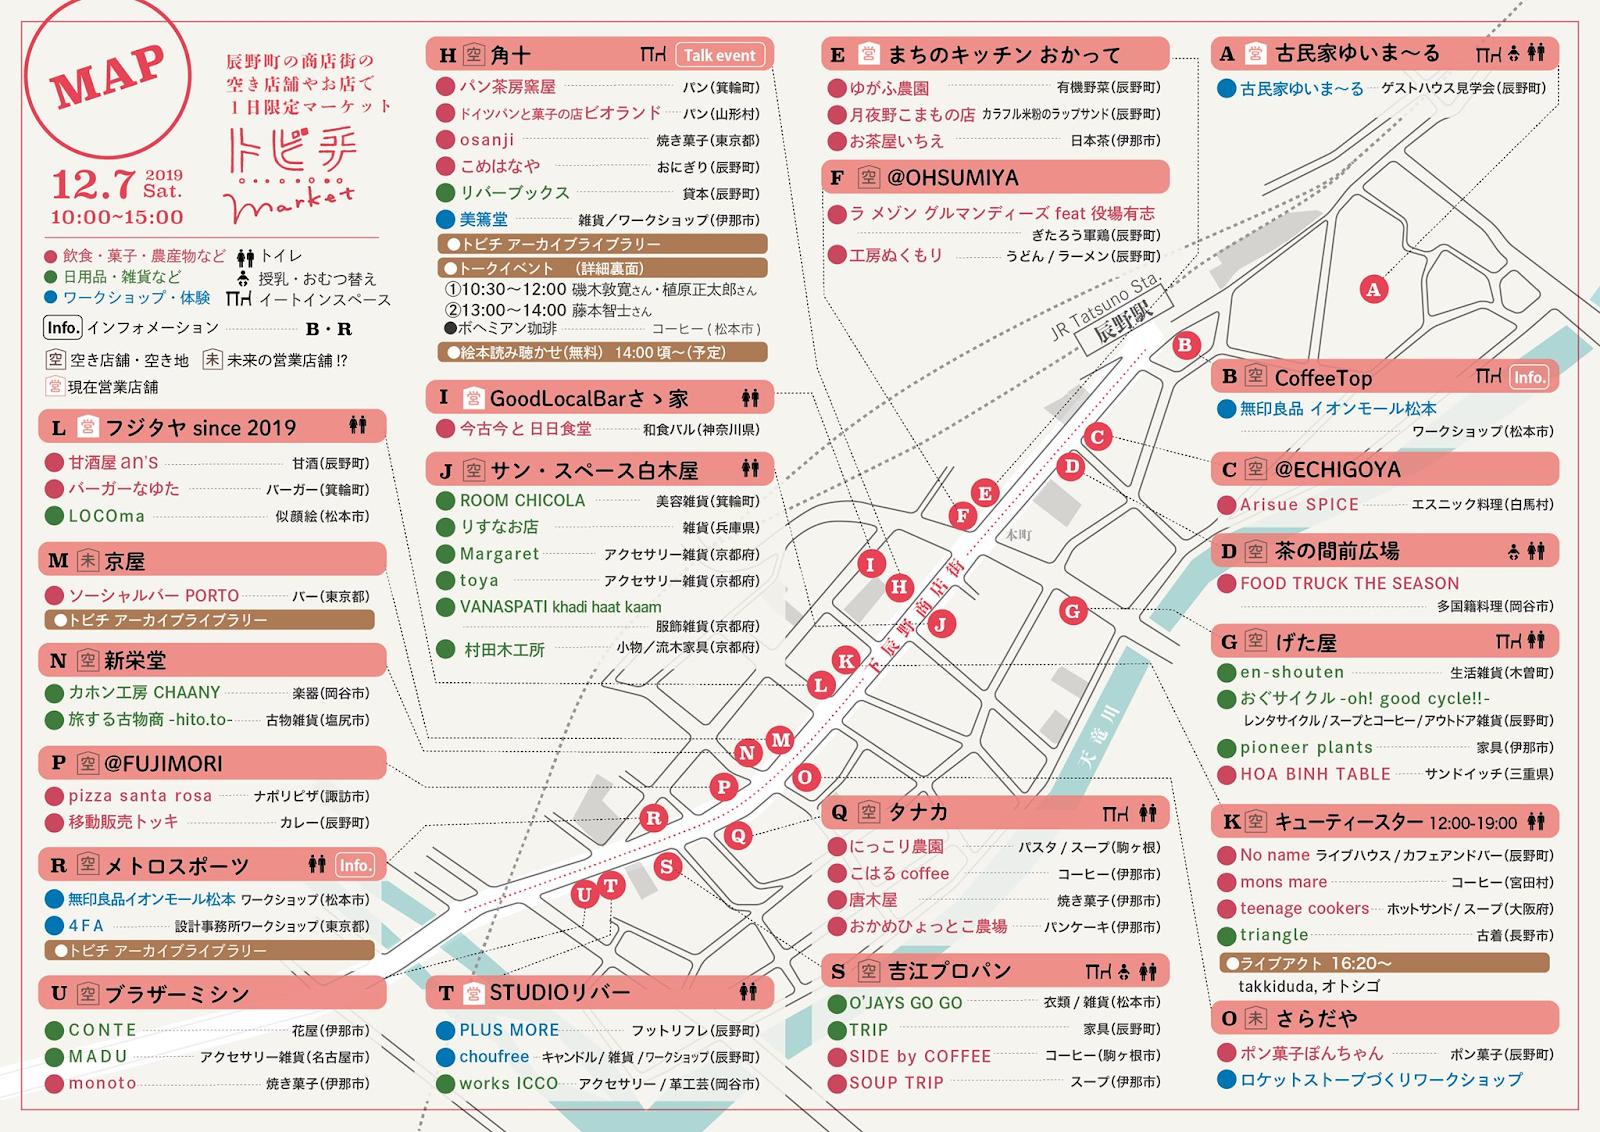 トビチmarketマップ